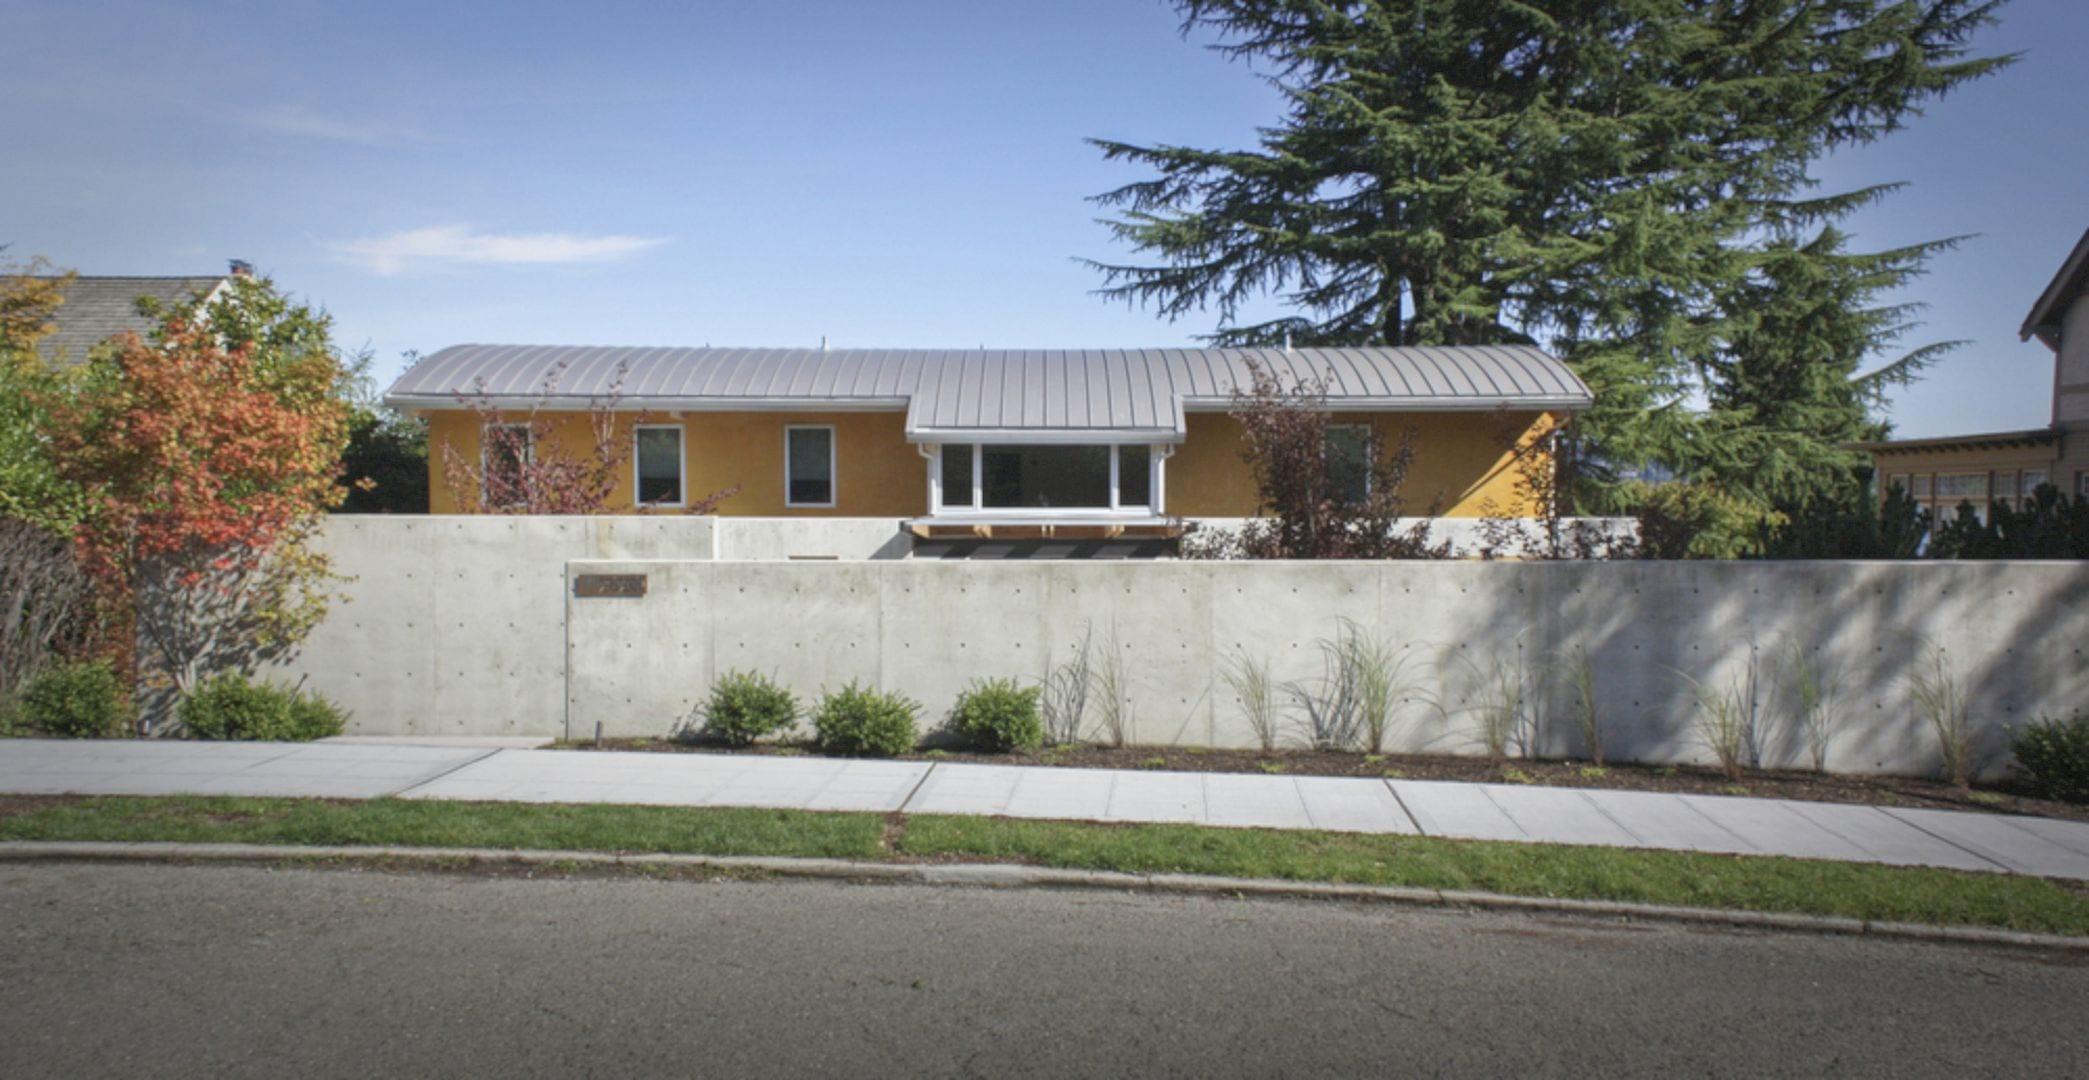 Cascadia By Prentiss Balance Wickline Architects 12